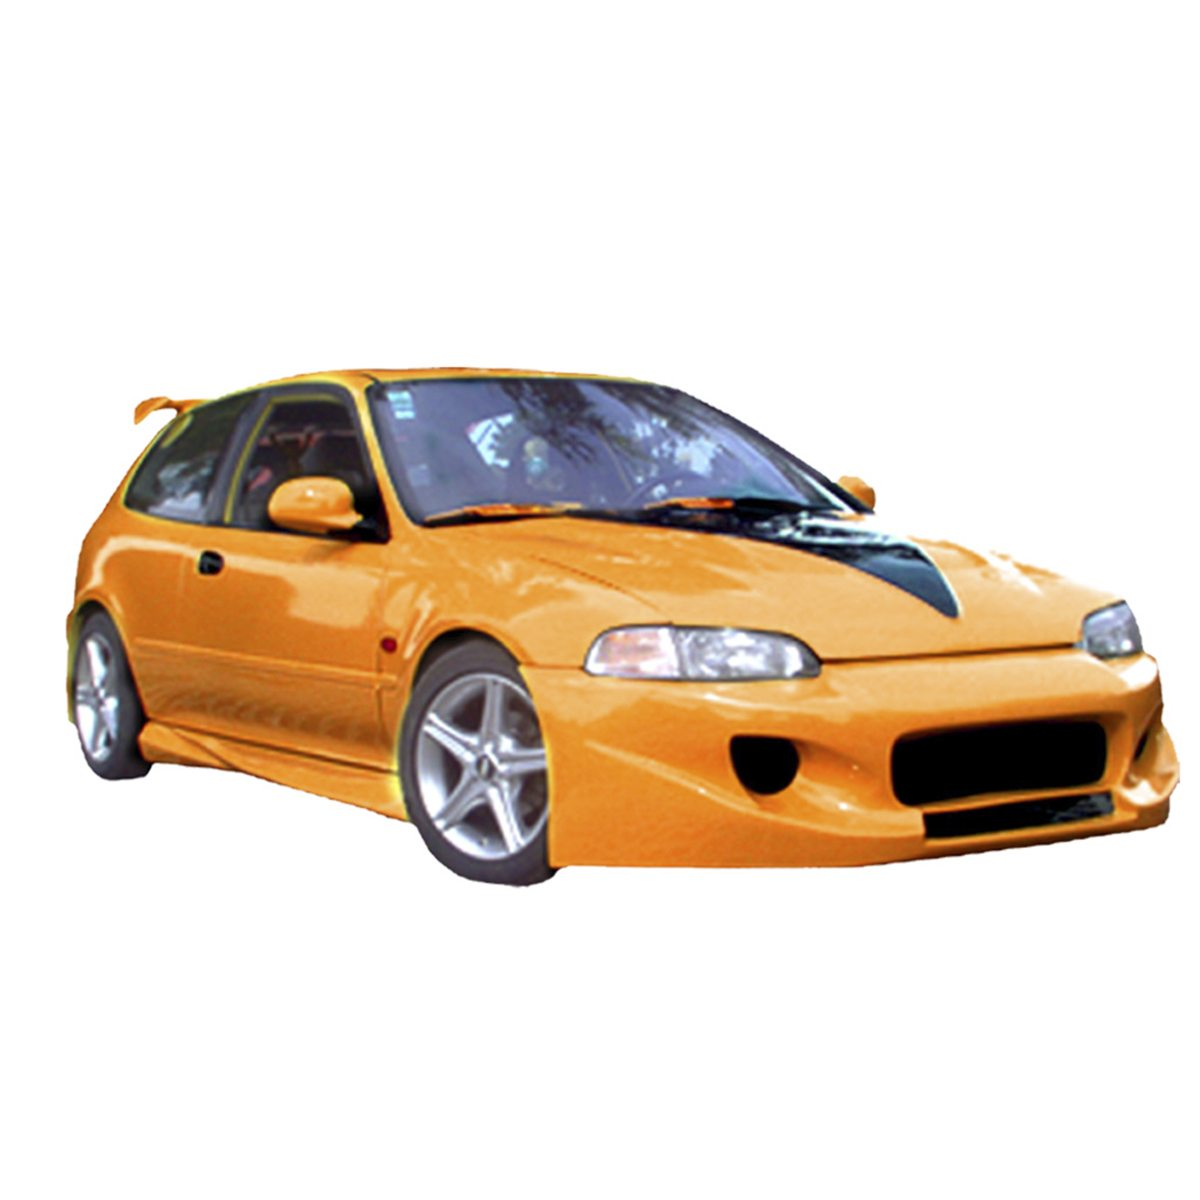 Honda-Civic-92-Shade-Frt-PCR020